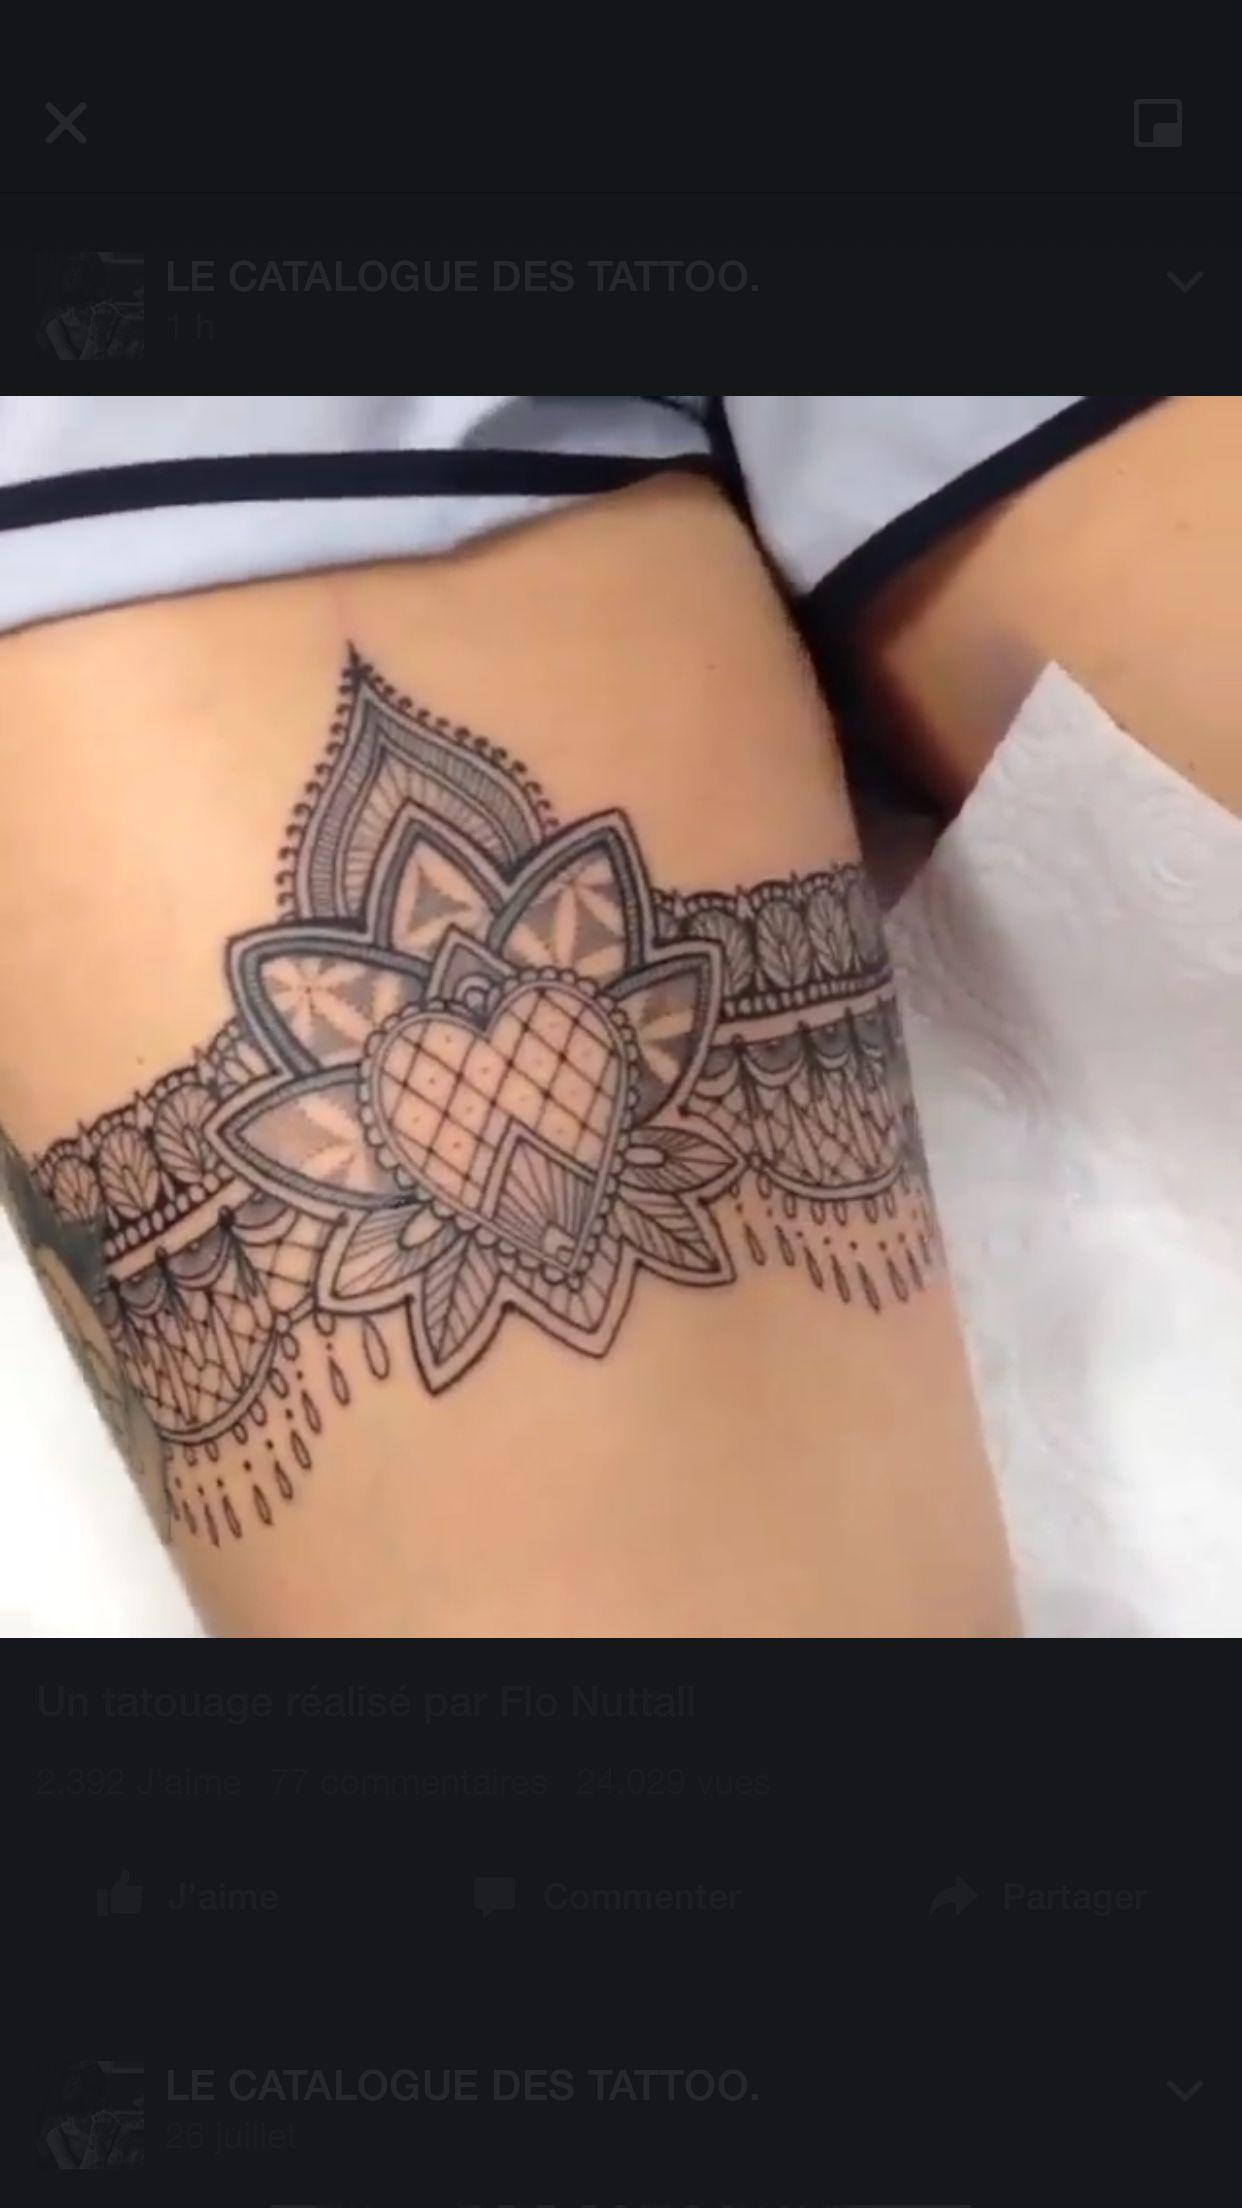 Mandala Coeur Jarretiere Dentelle Tattoo Idee Tattoo